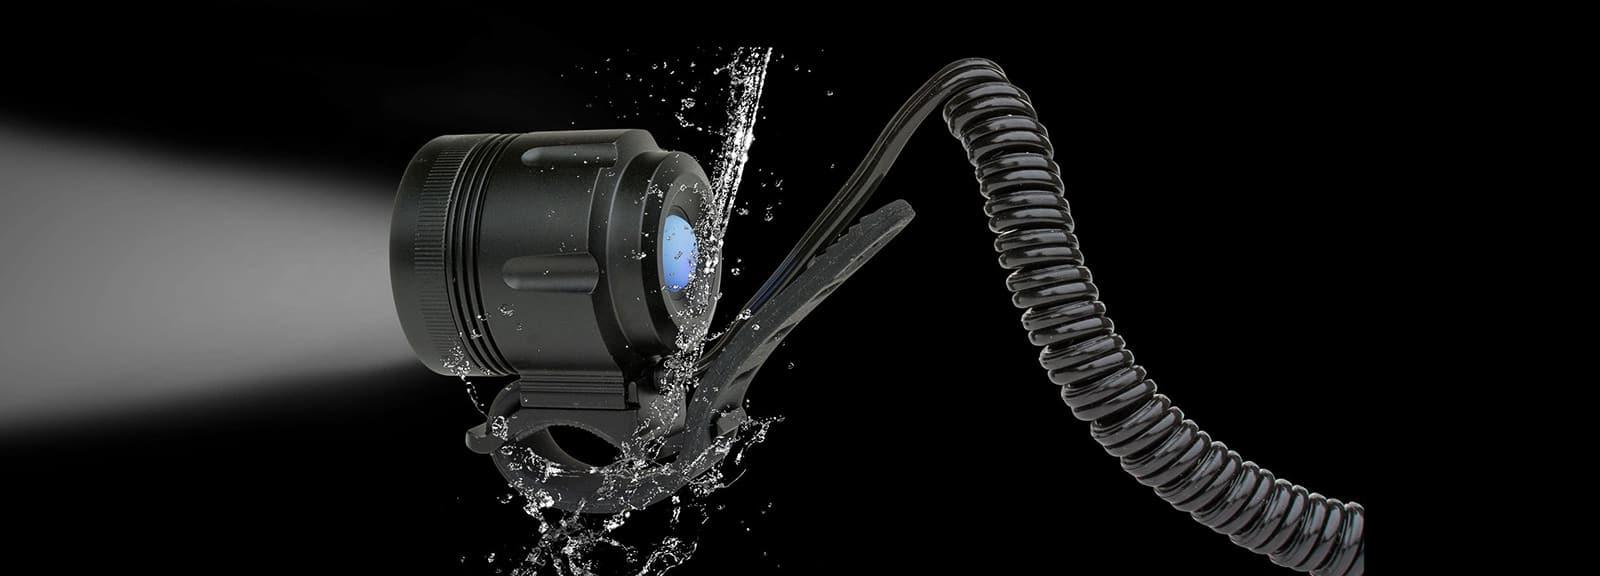 ØM3u mit Spiralkabel und Wasserspritzer